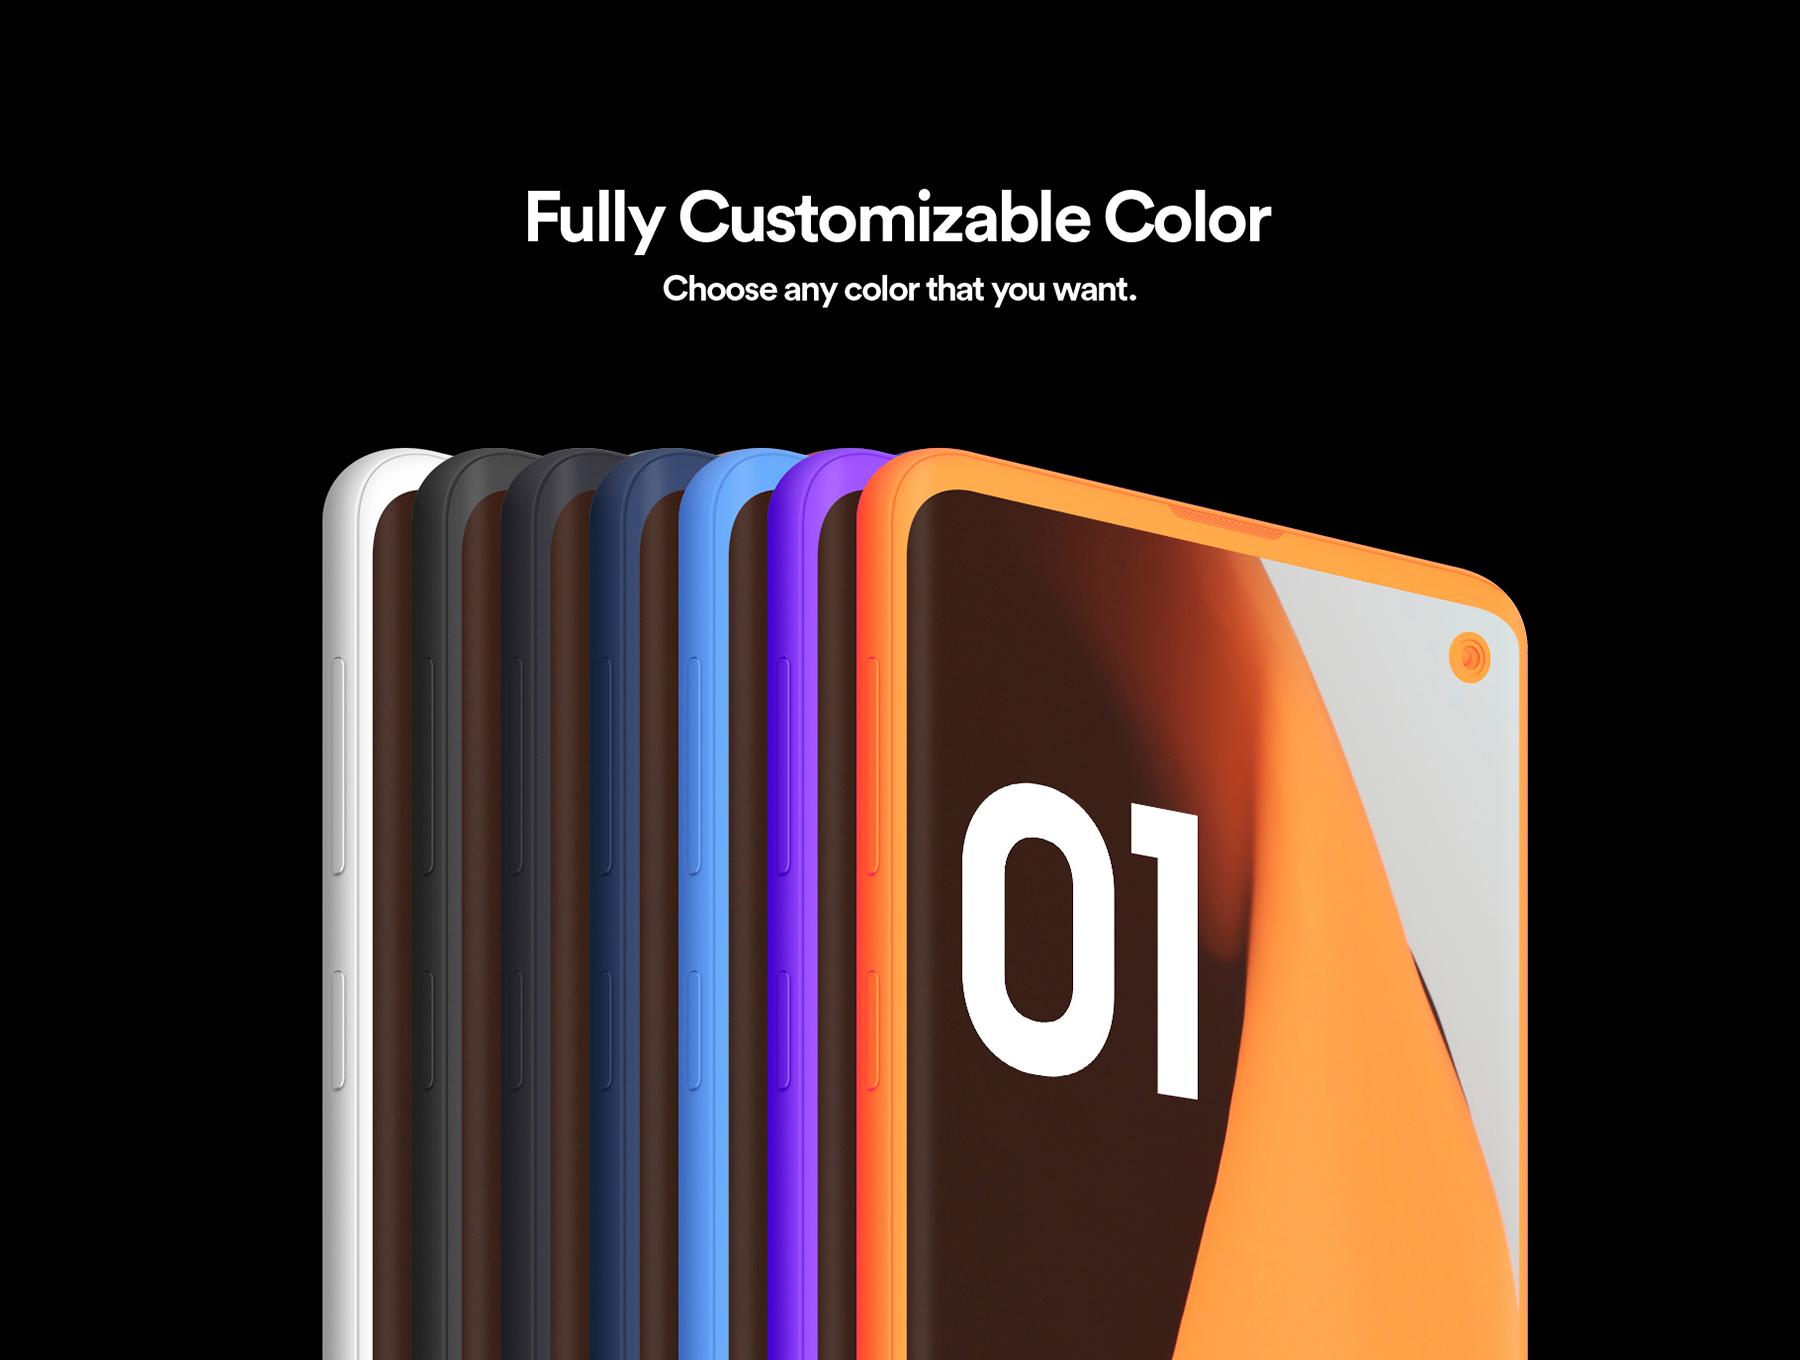 陶瓷质感三星Galaxy S10智能手机样机模板 Samsung Galaxy S10 – 21 Clay Mockups插图(3)